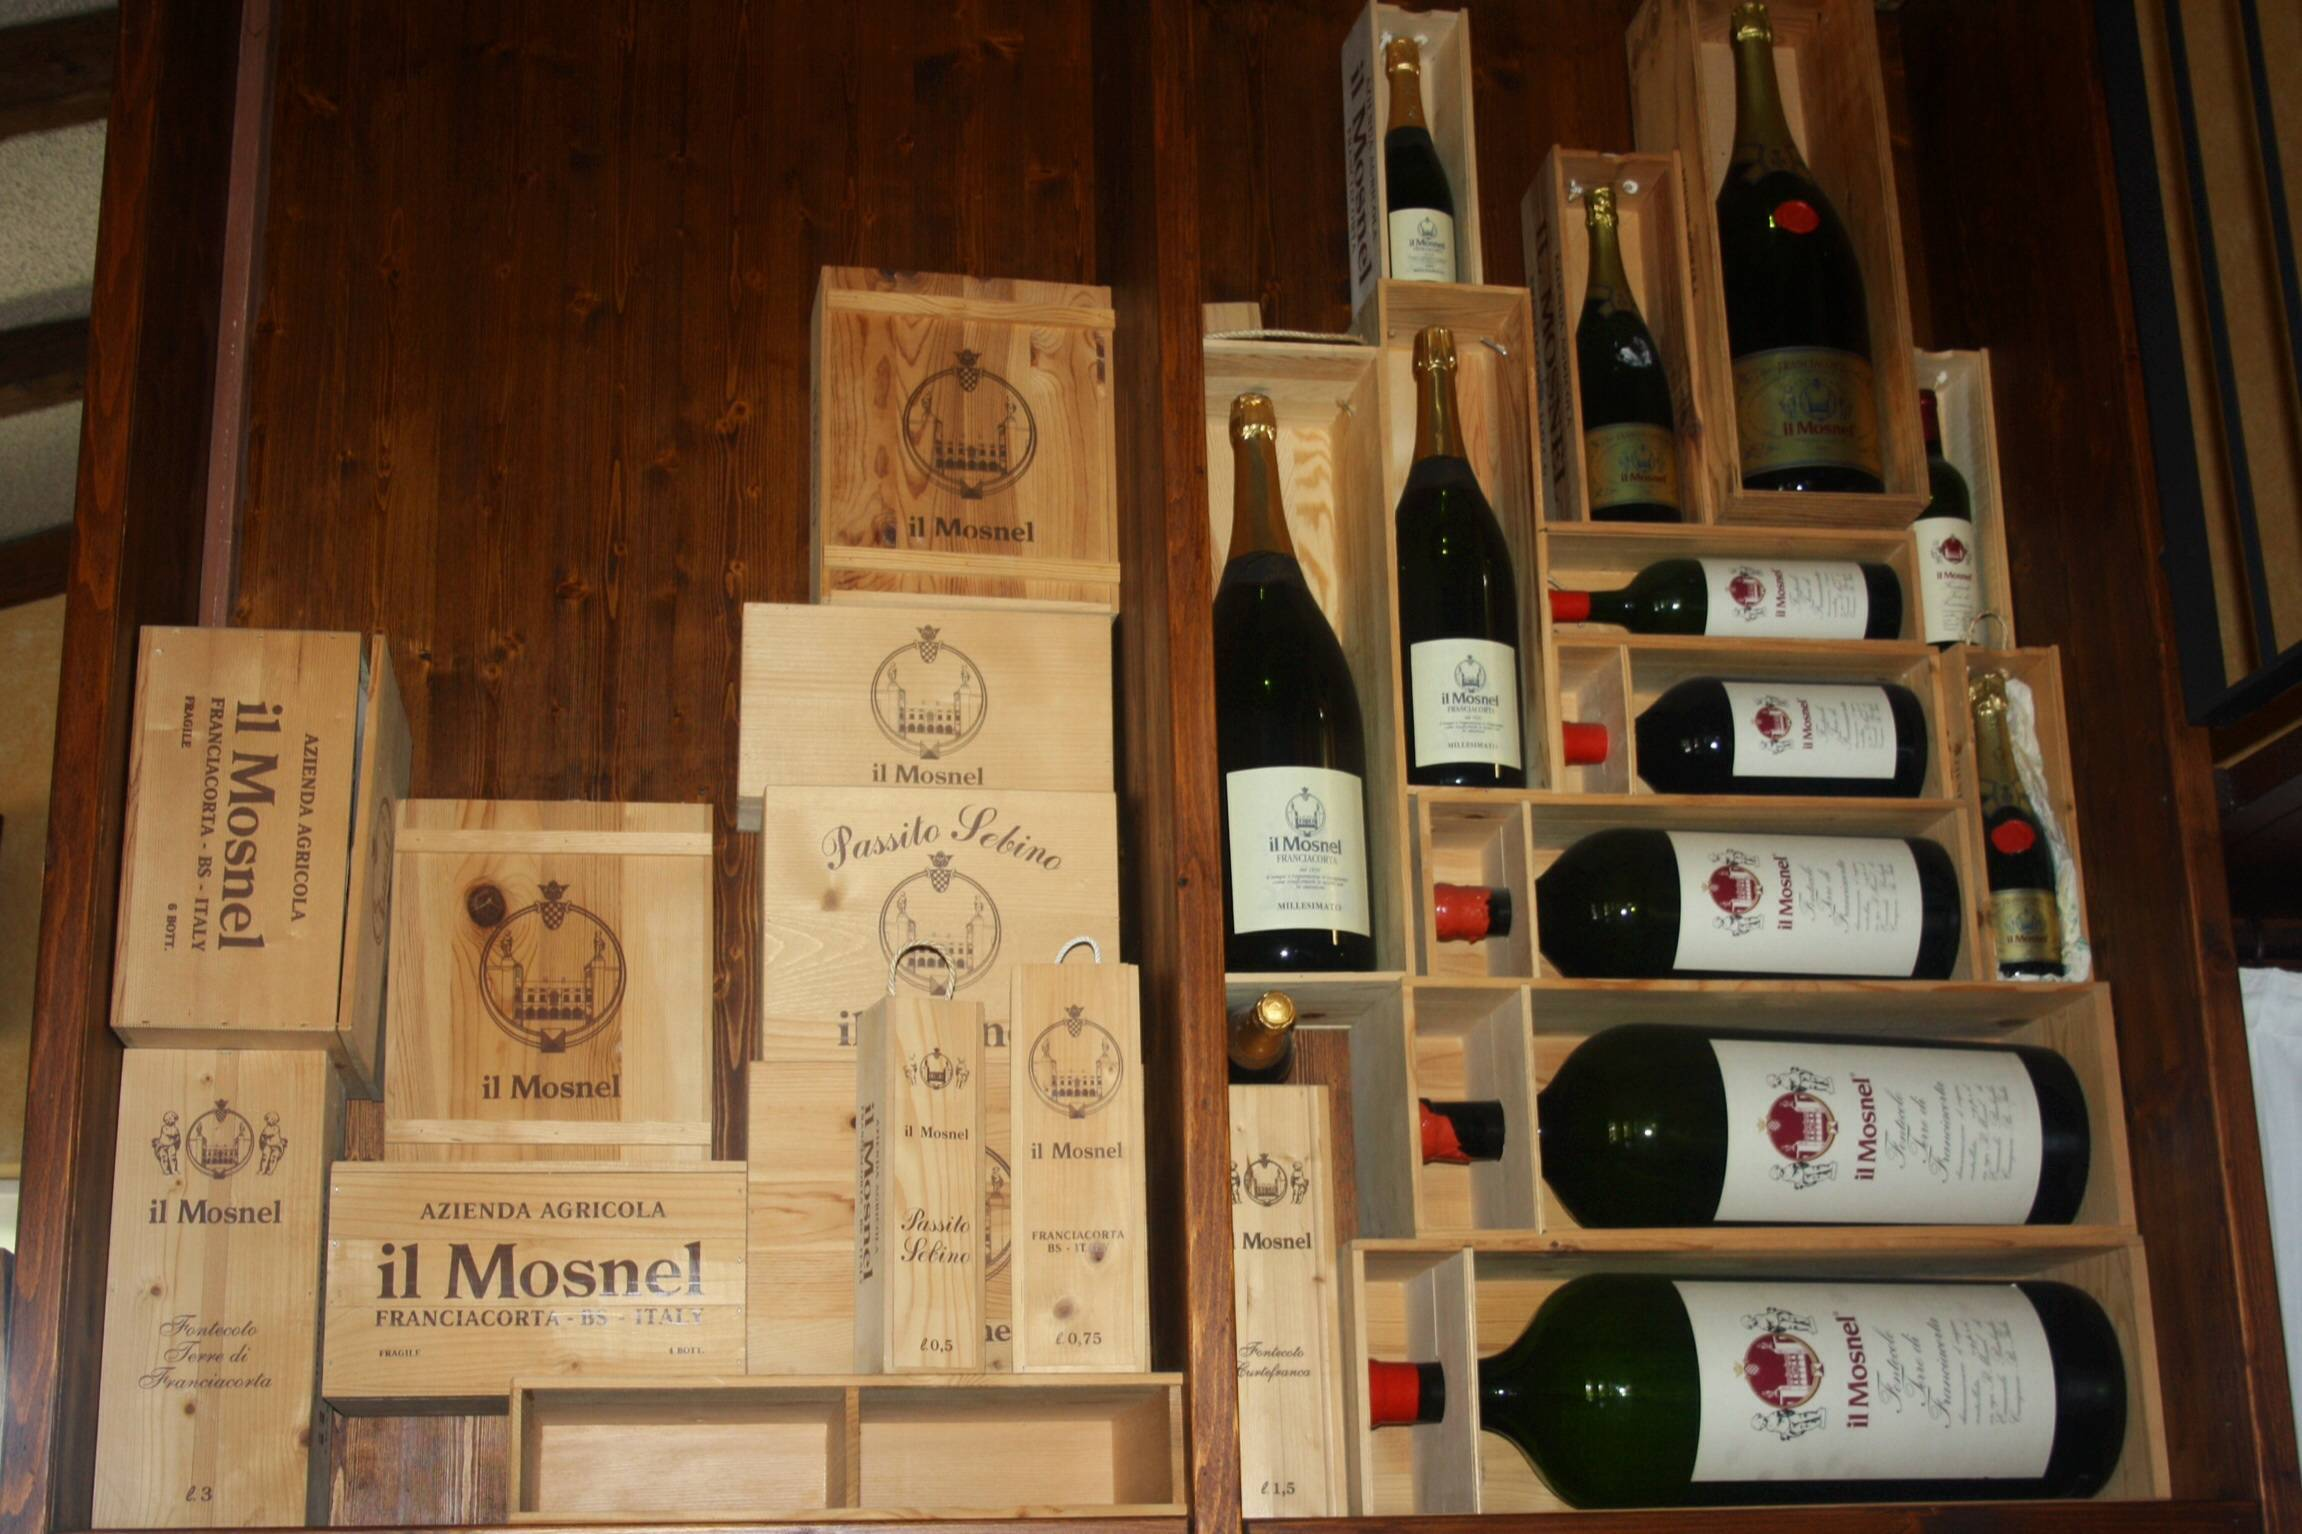 Итальянское вино: классификация, обозначения, особенности выбора и употребления. 110 фото лучших вин из италии